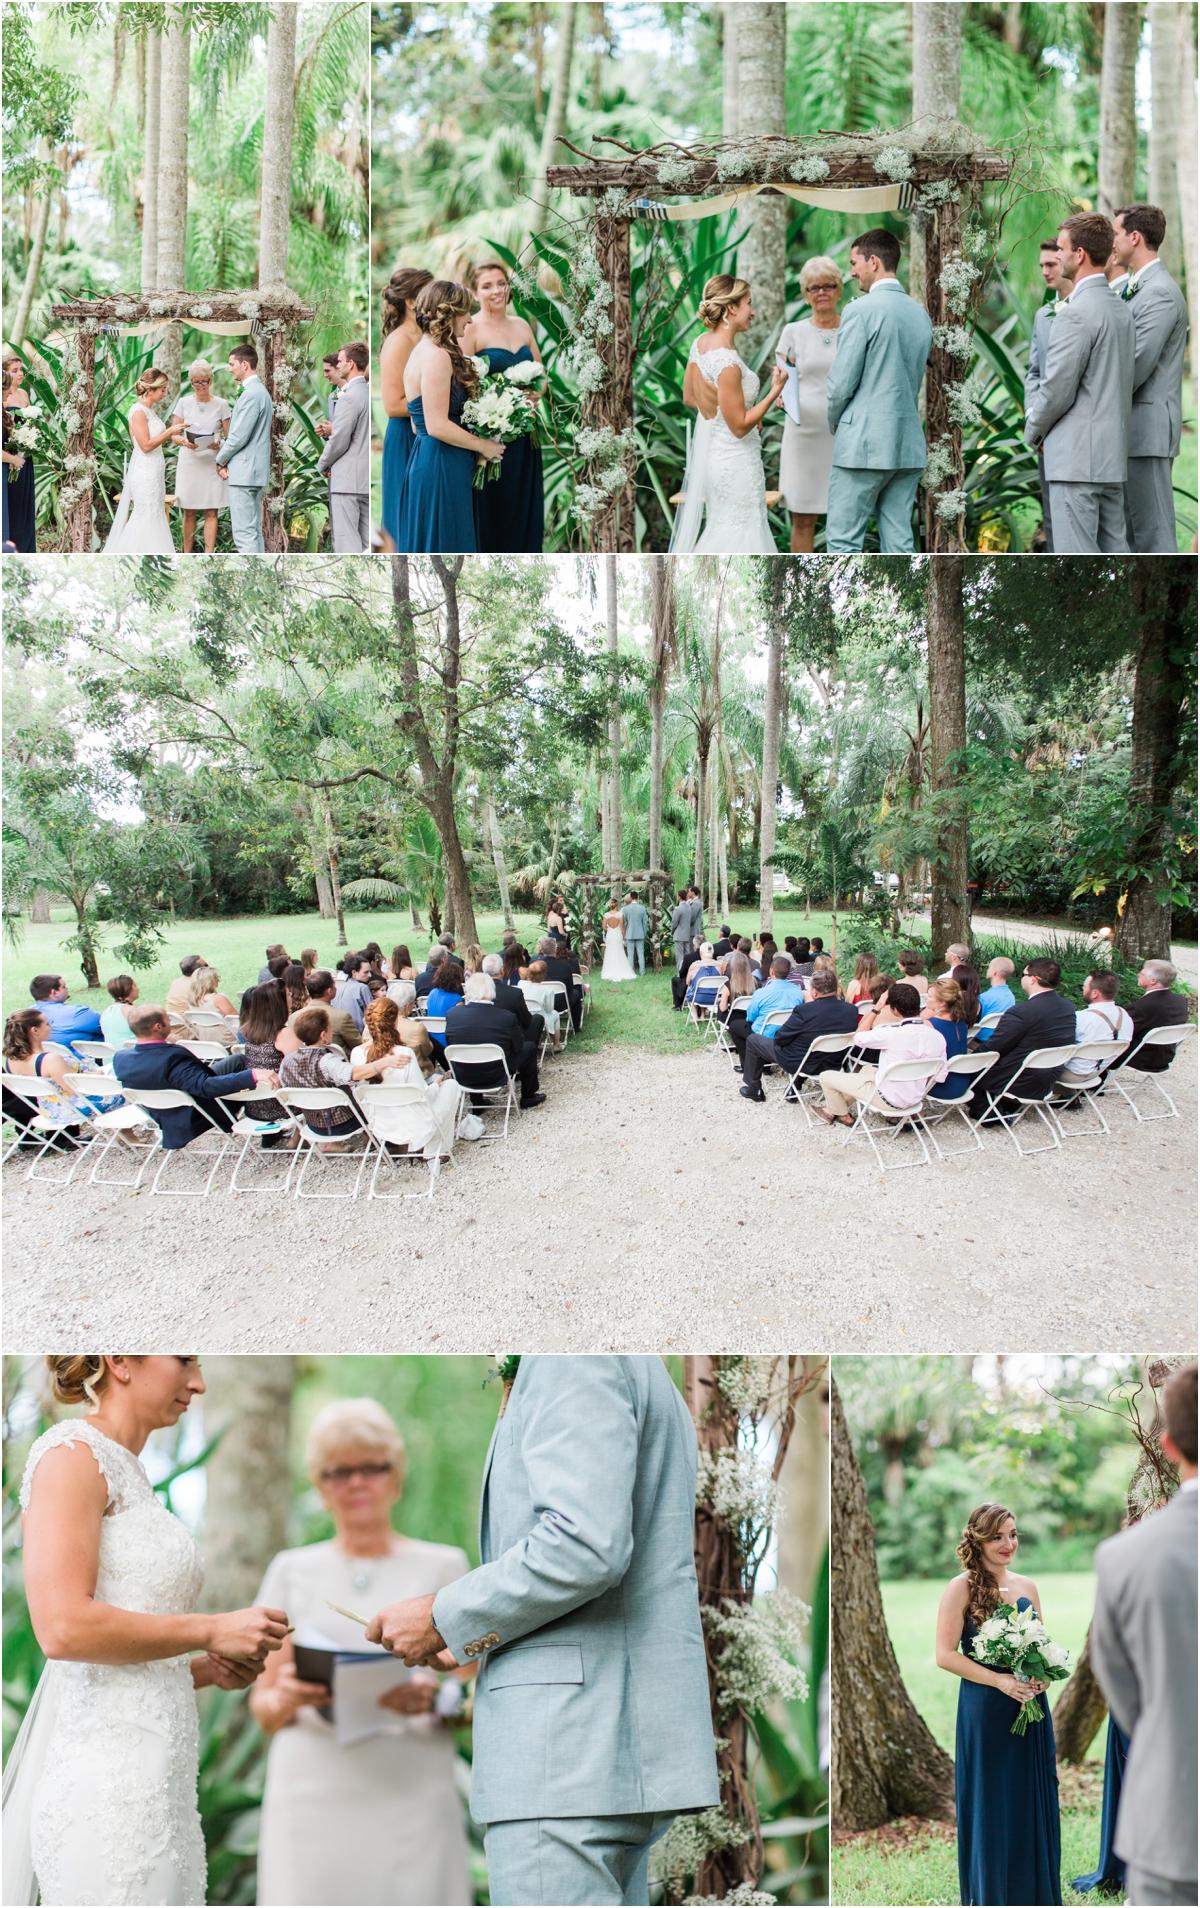 Waldos-Secret-Garden-Wedding-Photos-Vero_0012